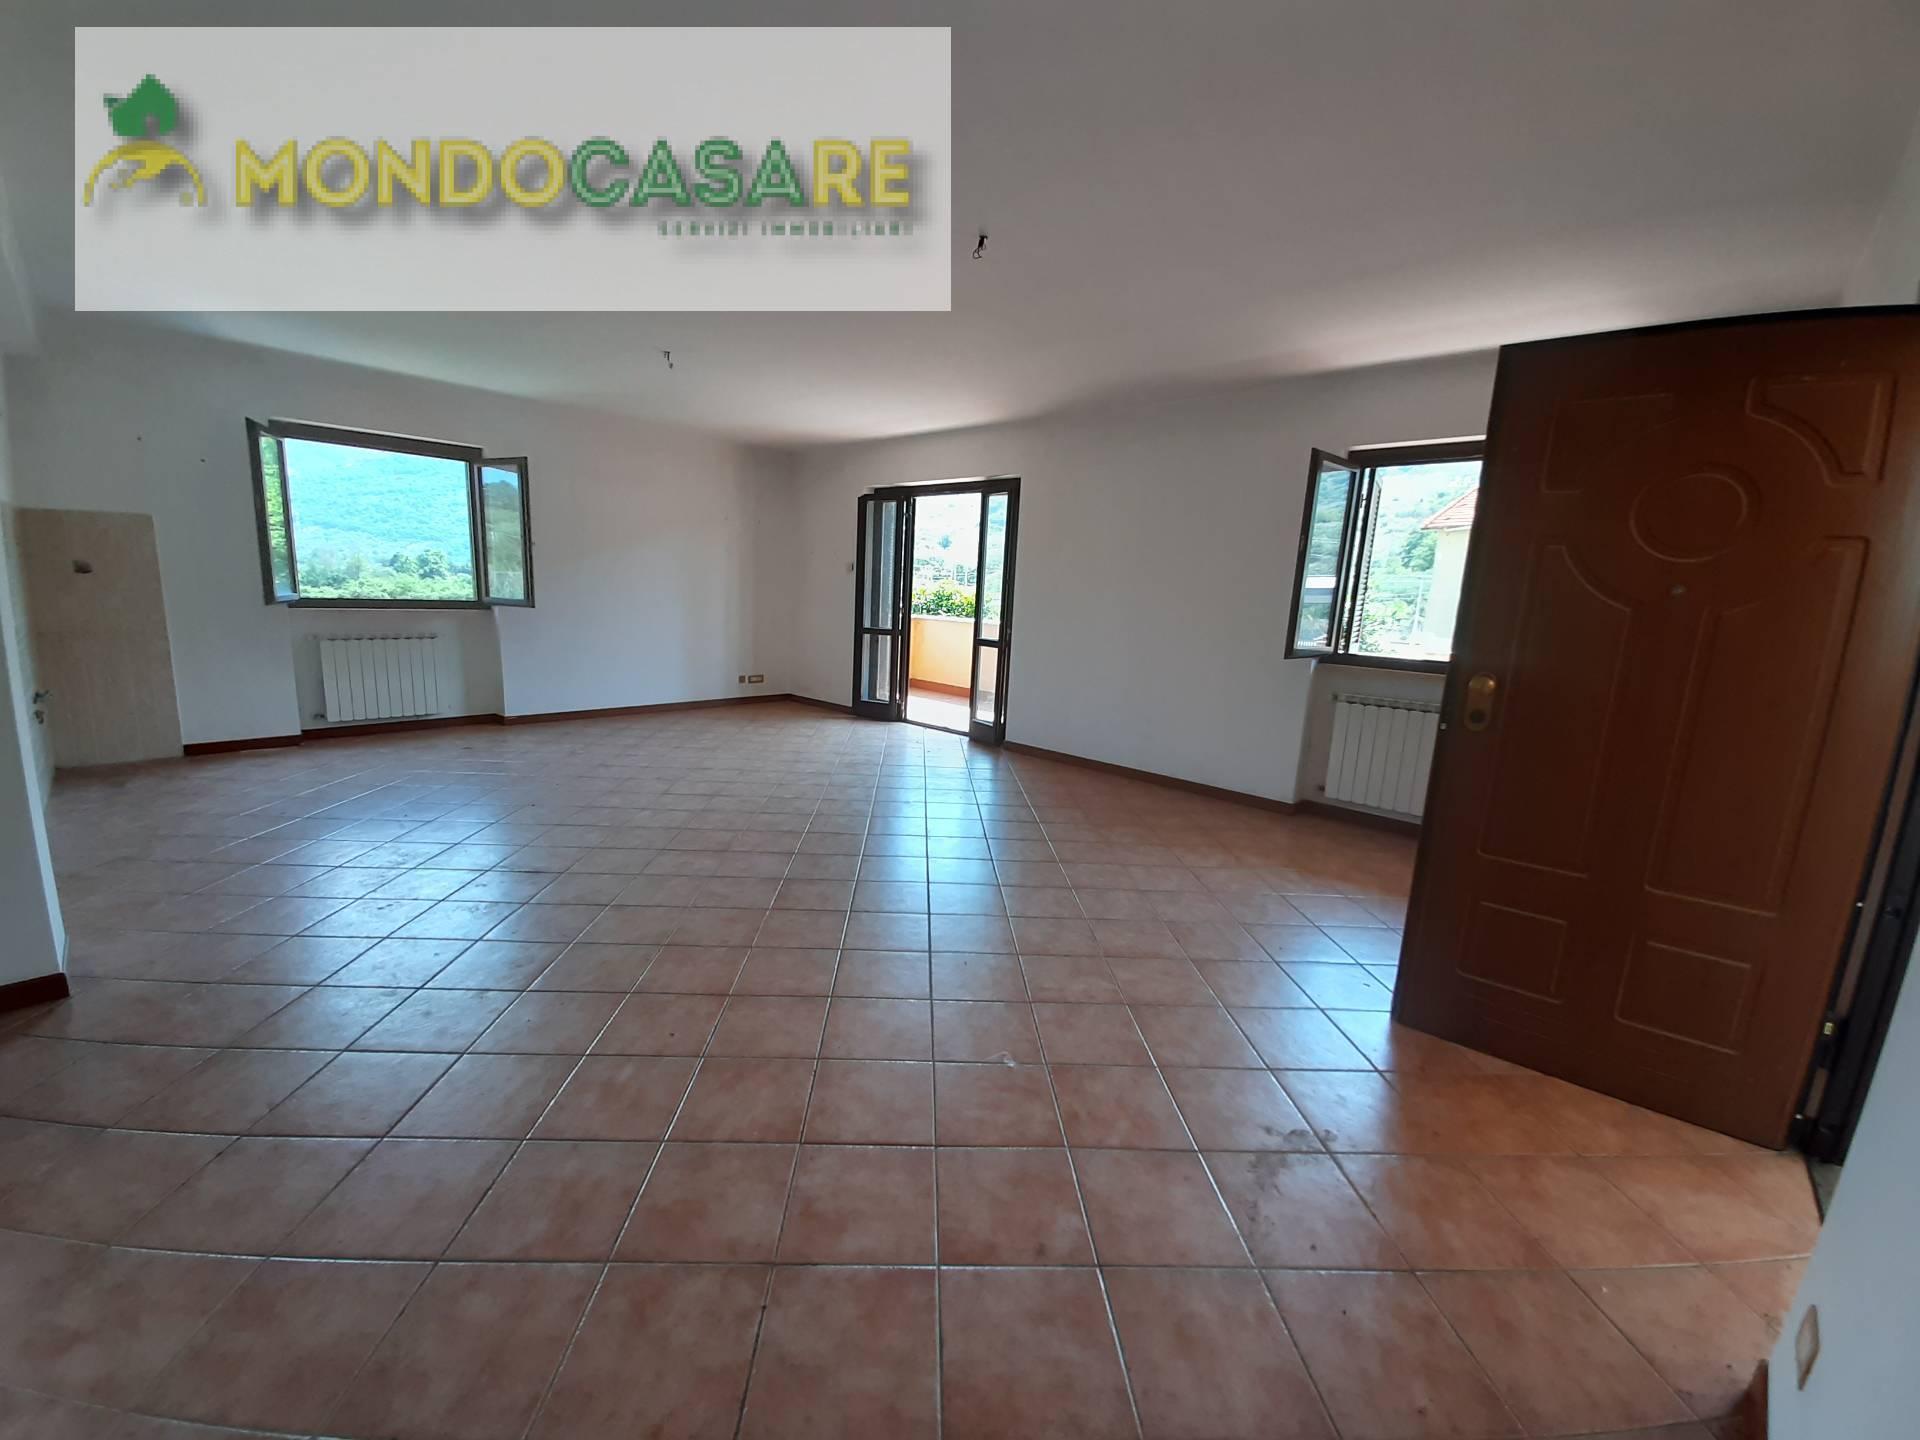 Appartamento in vendita a Marcellina, 4 locali, zona Località: ScaloFerrroviario, prezzo € 109.000 | CambioCasa.it